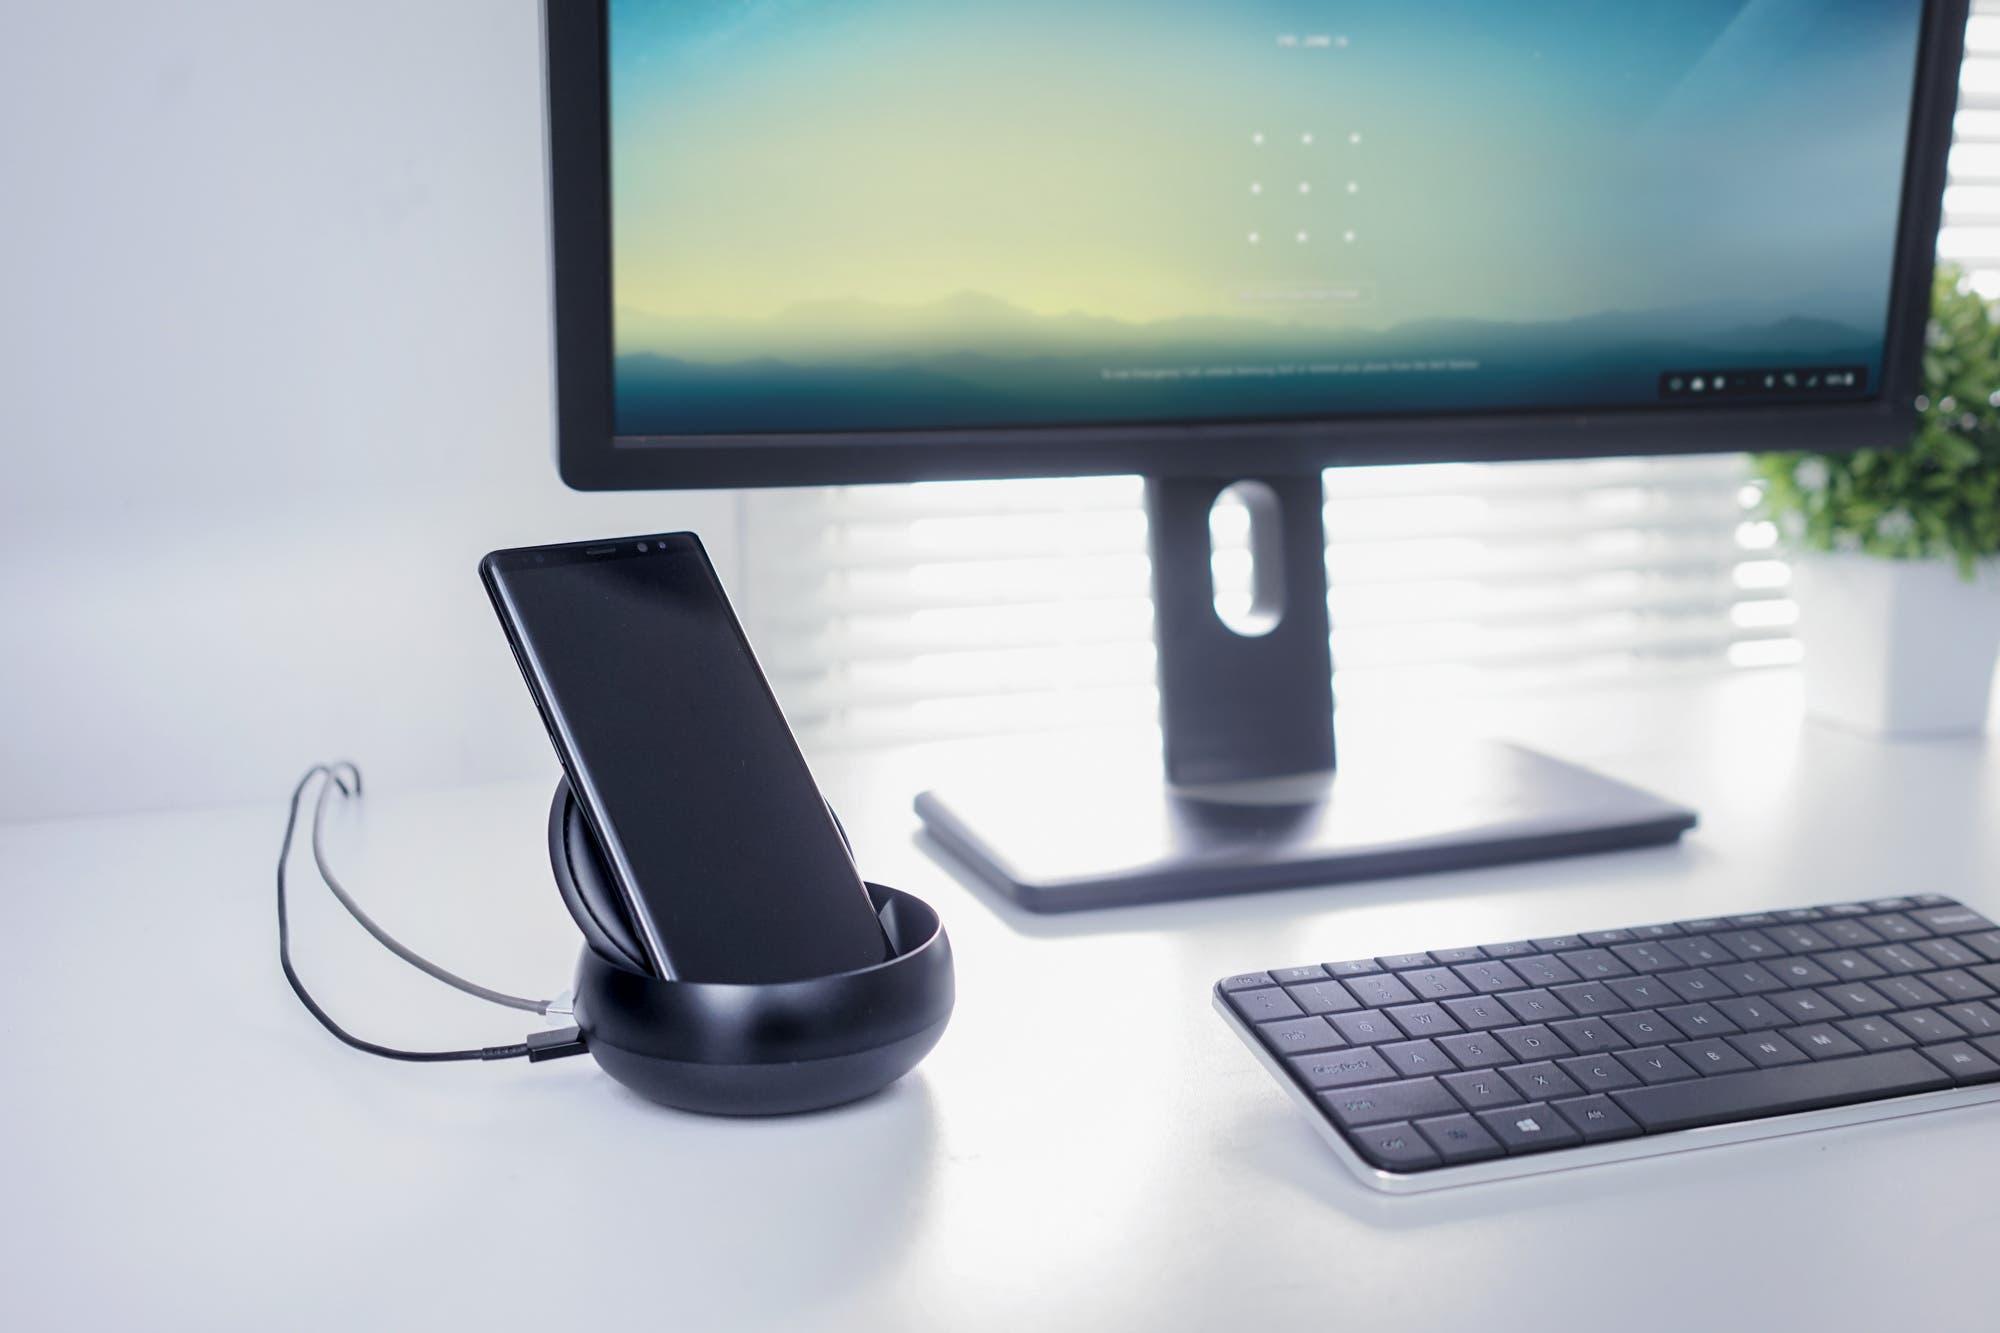 Una pantalla extra: Samsung y LG planean lanzar un monitor portátil para celulares